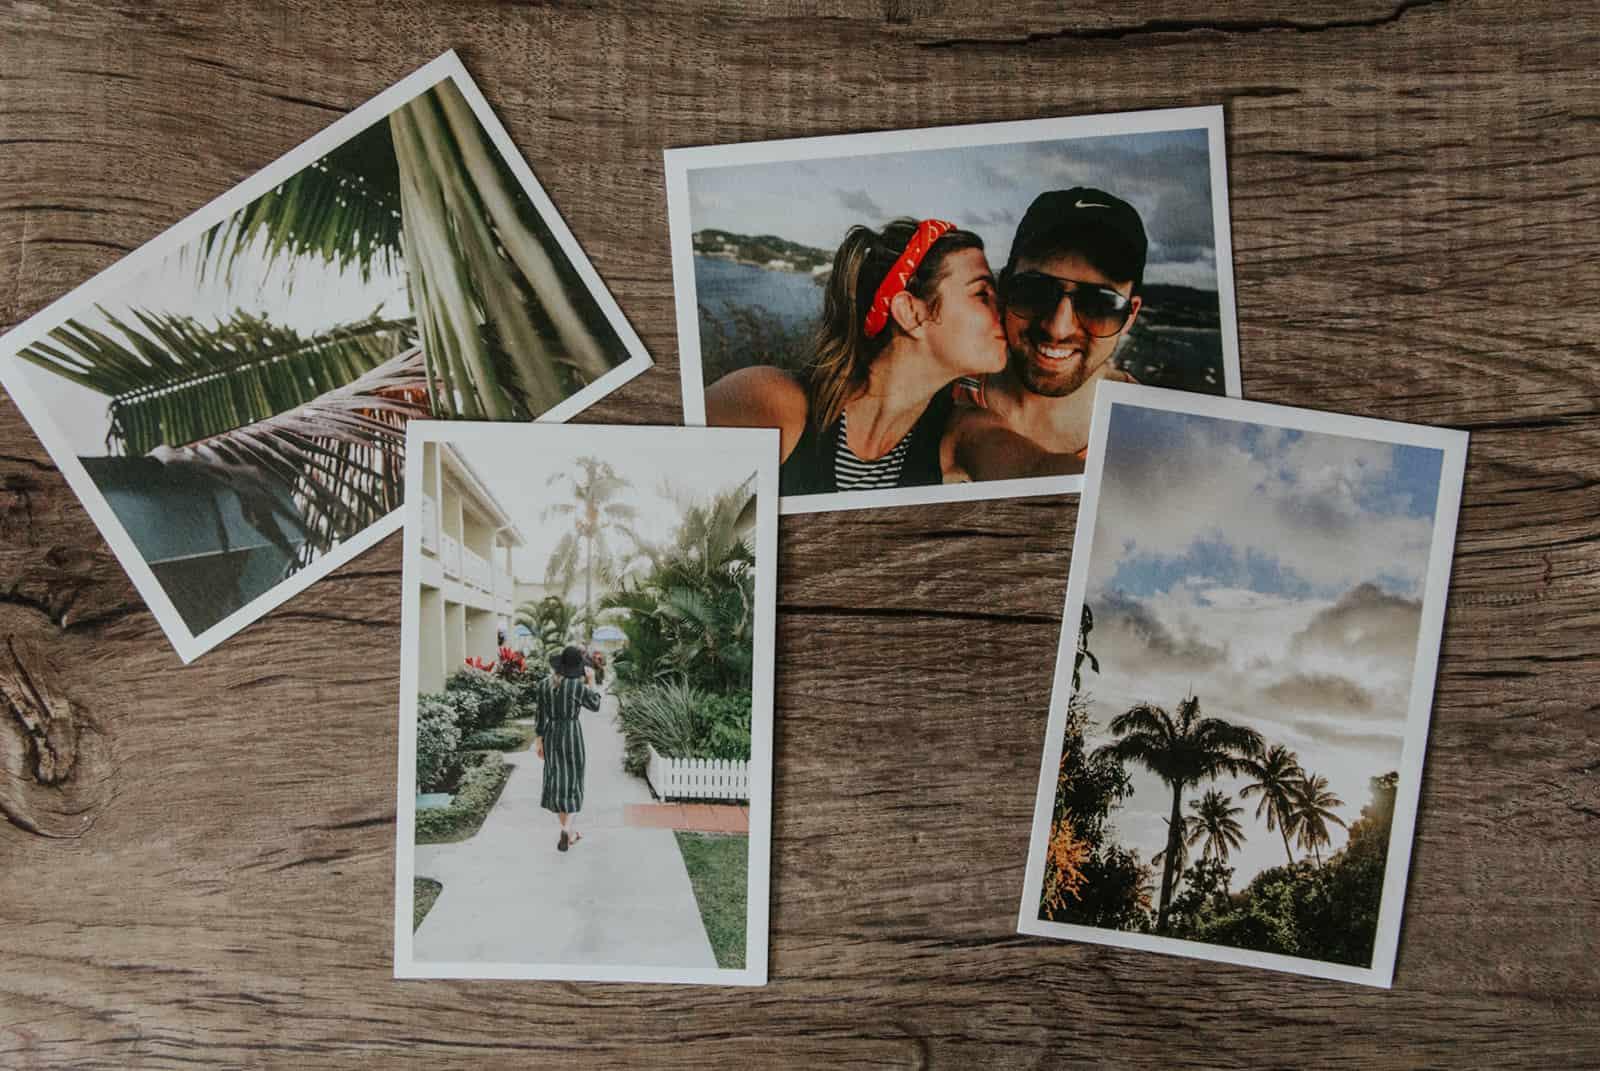 Fotos eines liebenden Paares auf einer Holzoberfläche